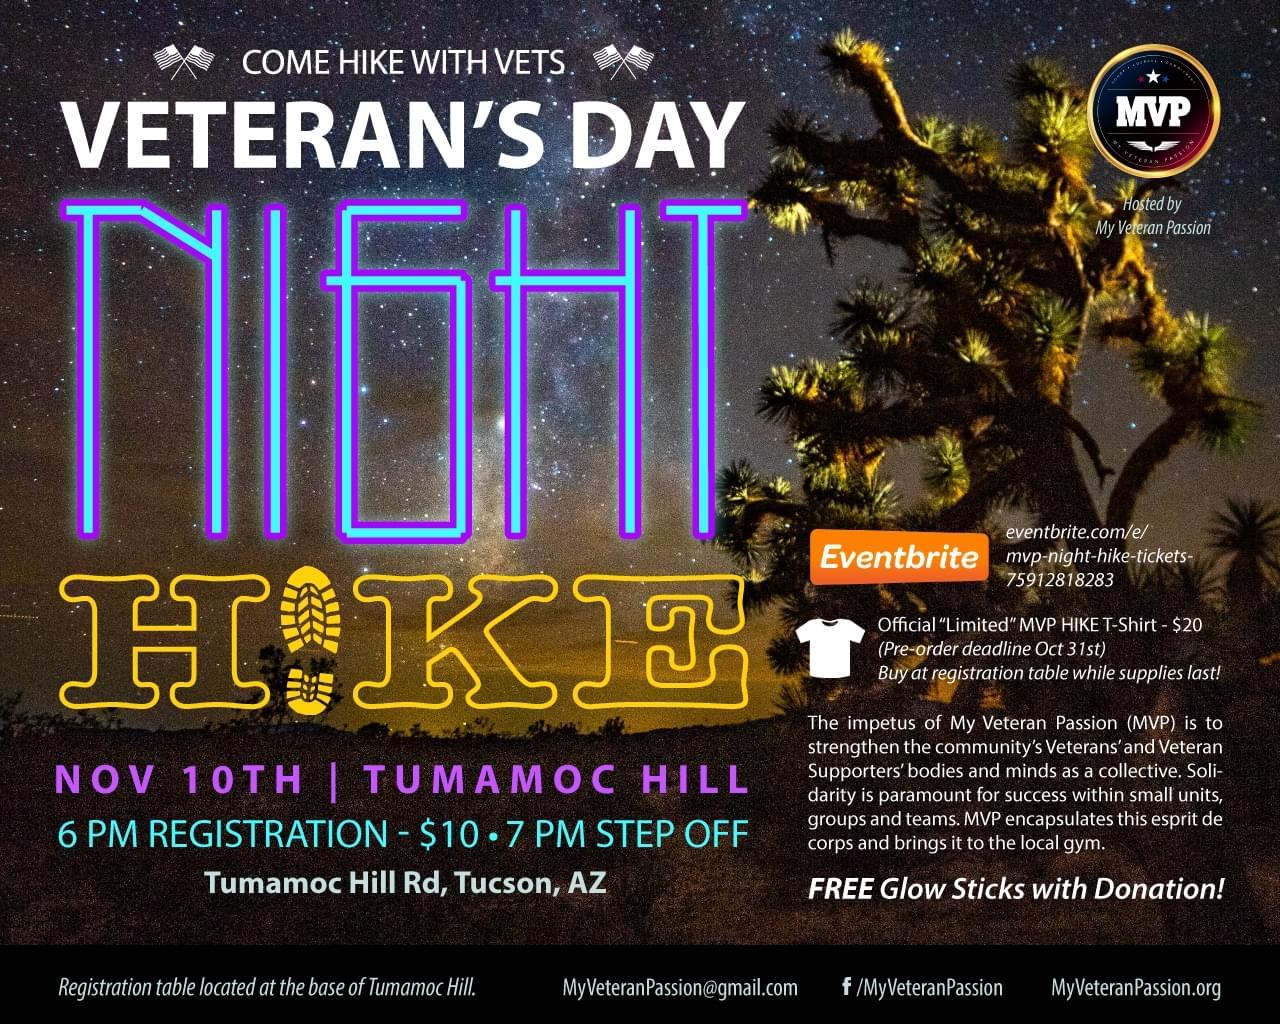 11/10: Veteran's Day Night Hike